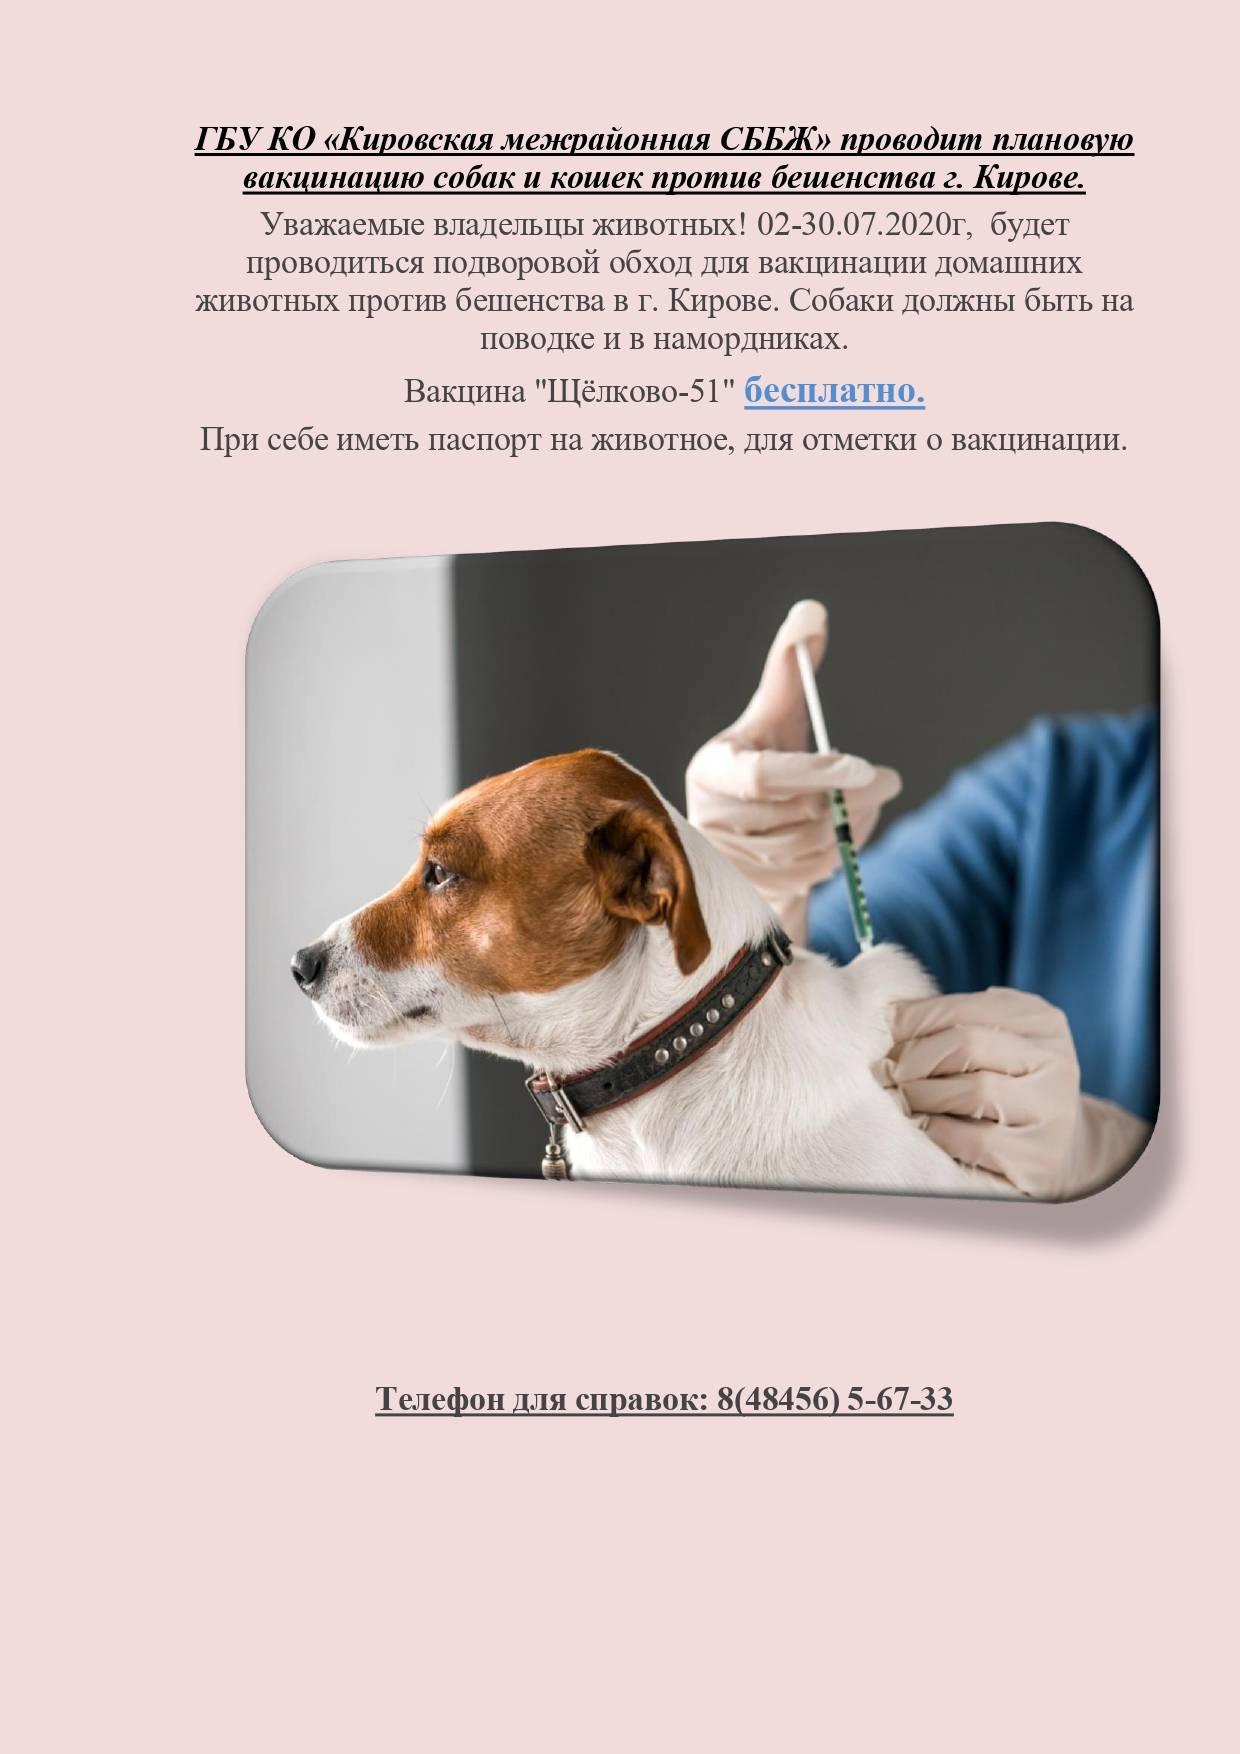 За сколько дней перед прививкой глистогонить собаку: дегельминтизация щенков и взрослых собак перед вакцинацией, применяемые препараты, для чего проводится процедура